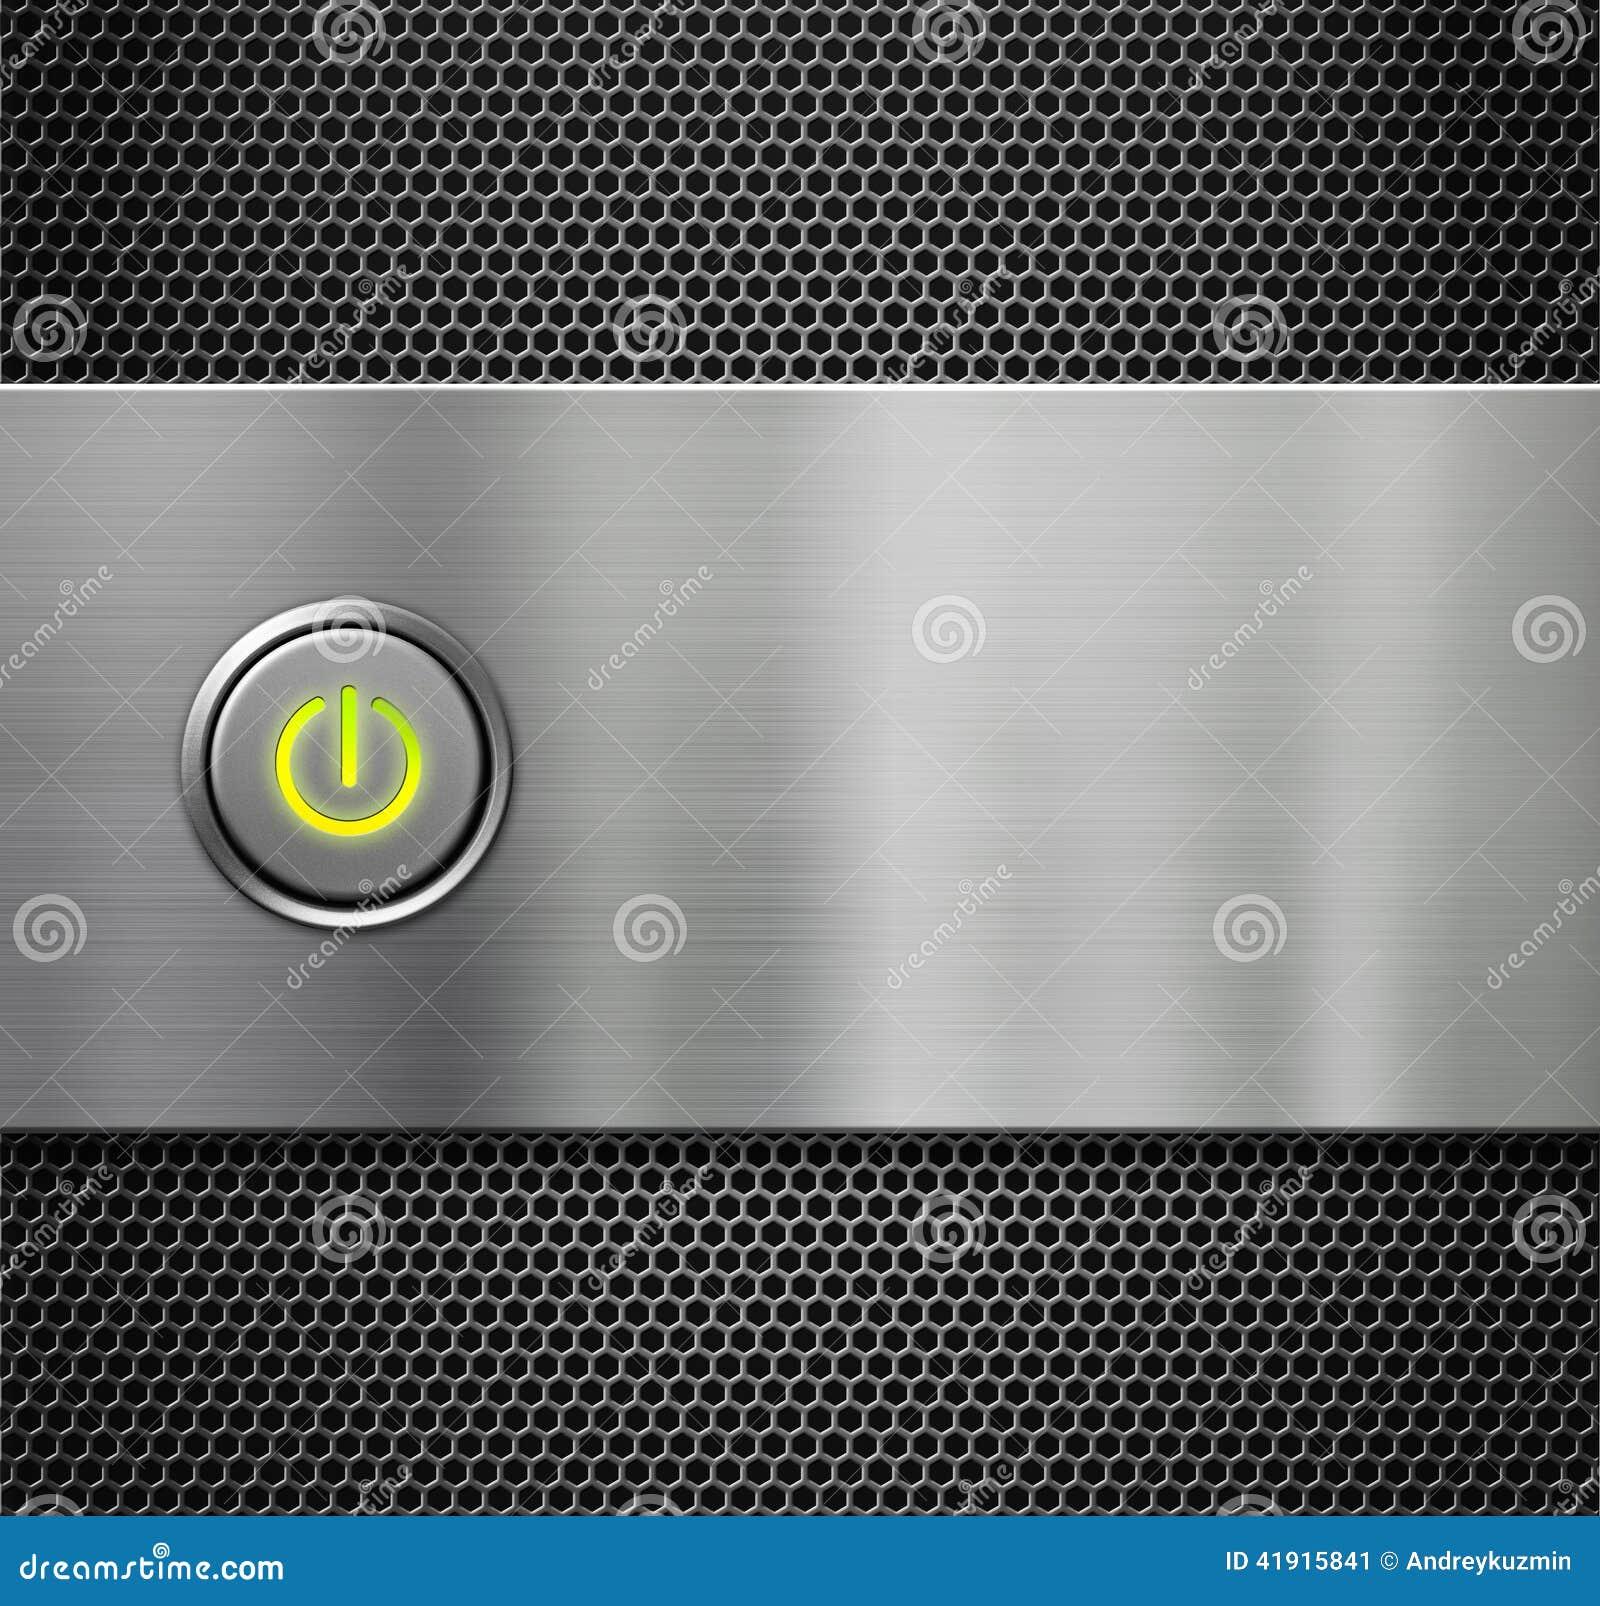 Poder o tecla de partida en la placa de metal